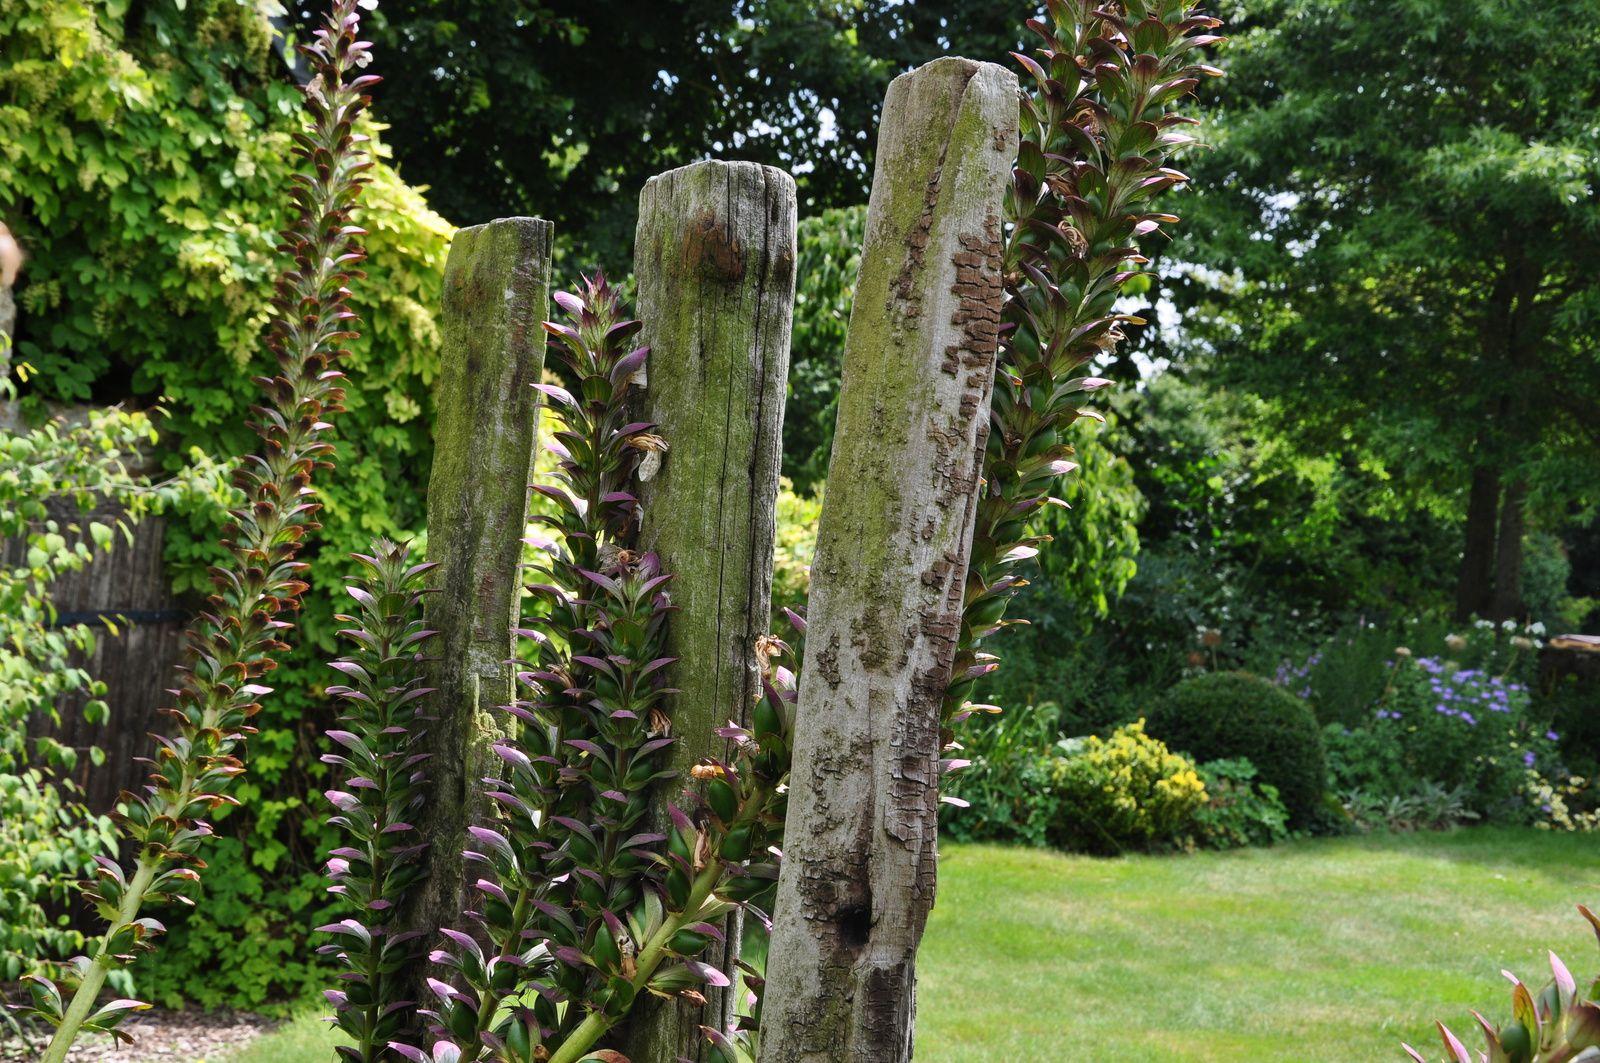 Le jardin La Maison ou quand le style anglais est revisité